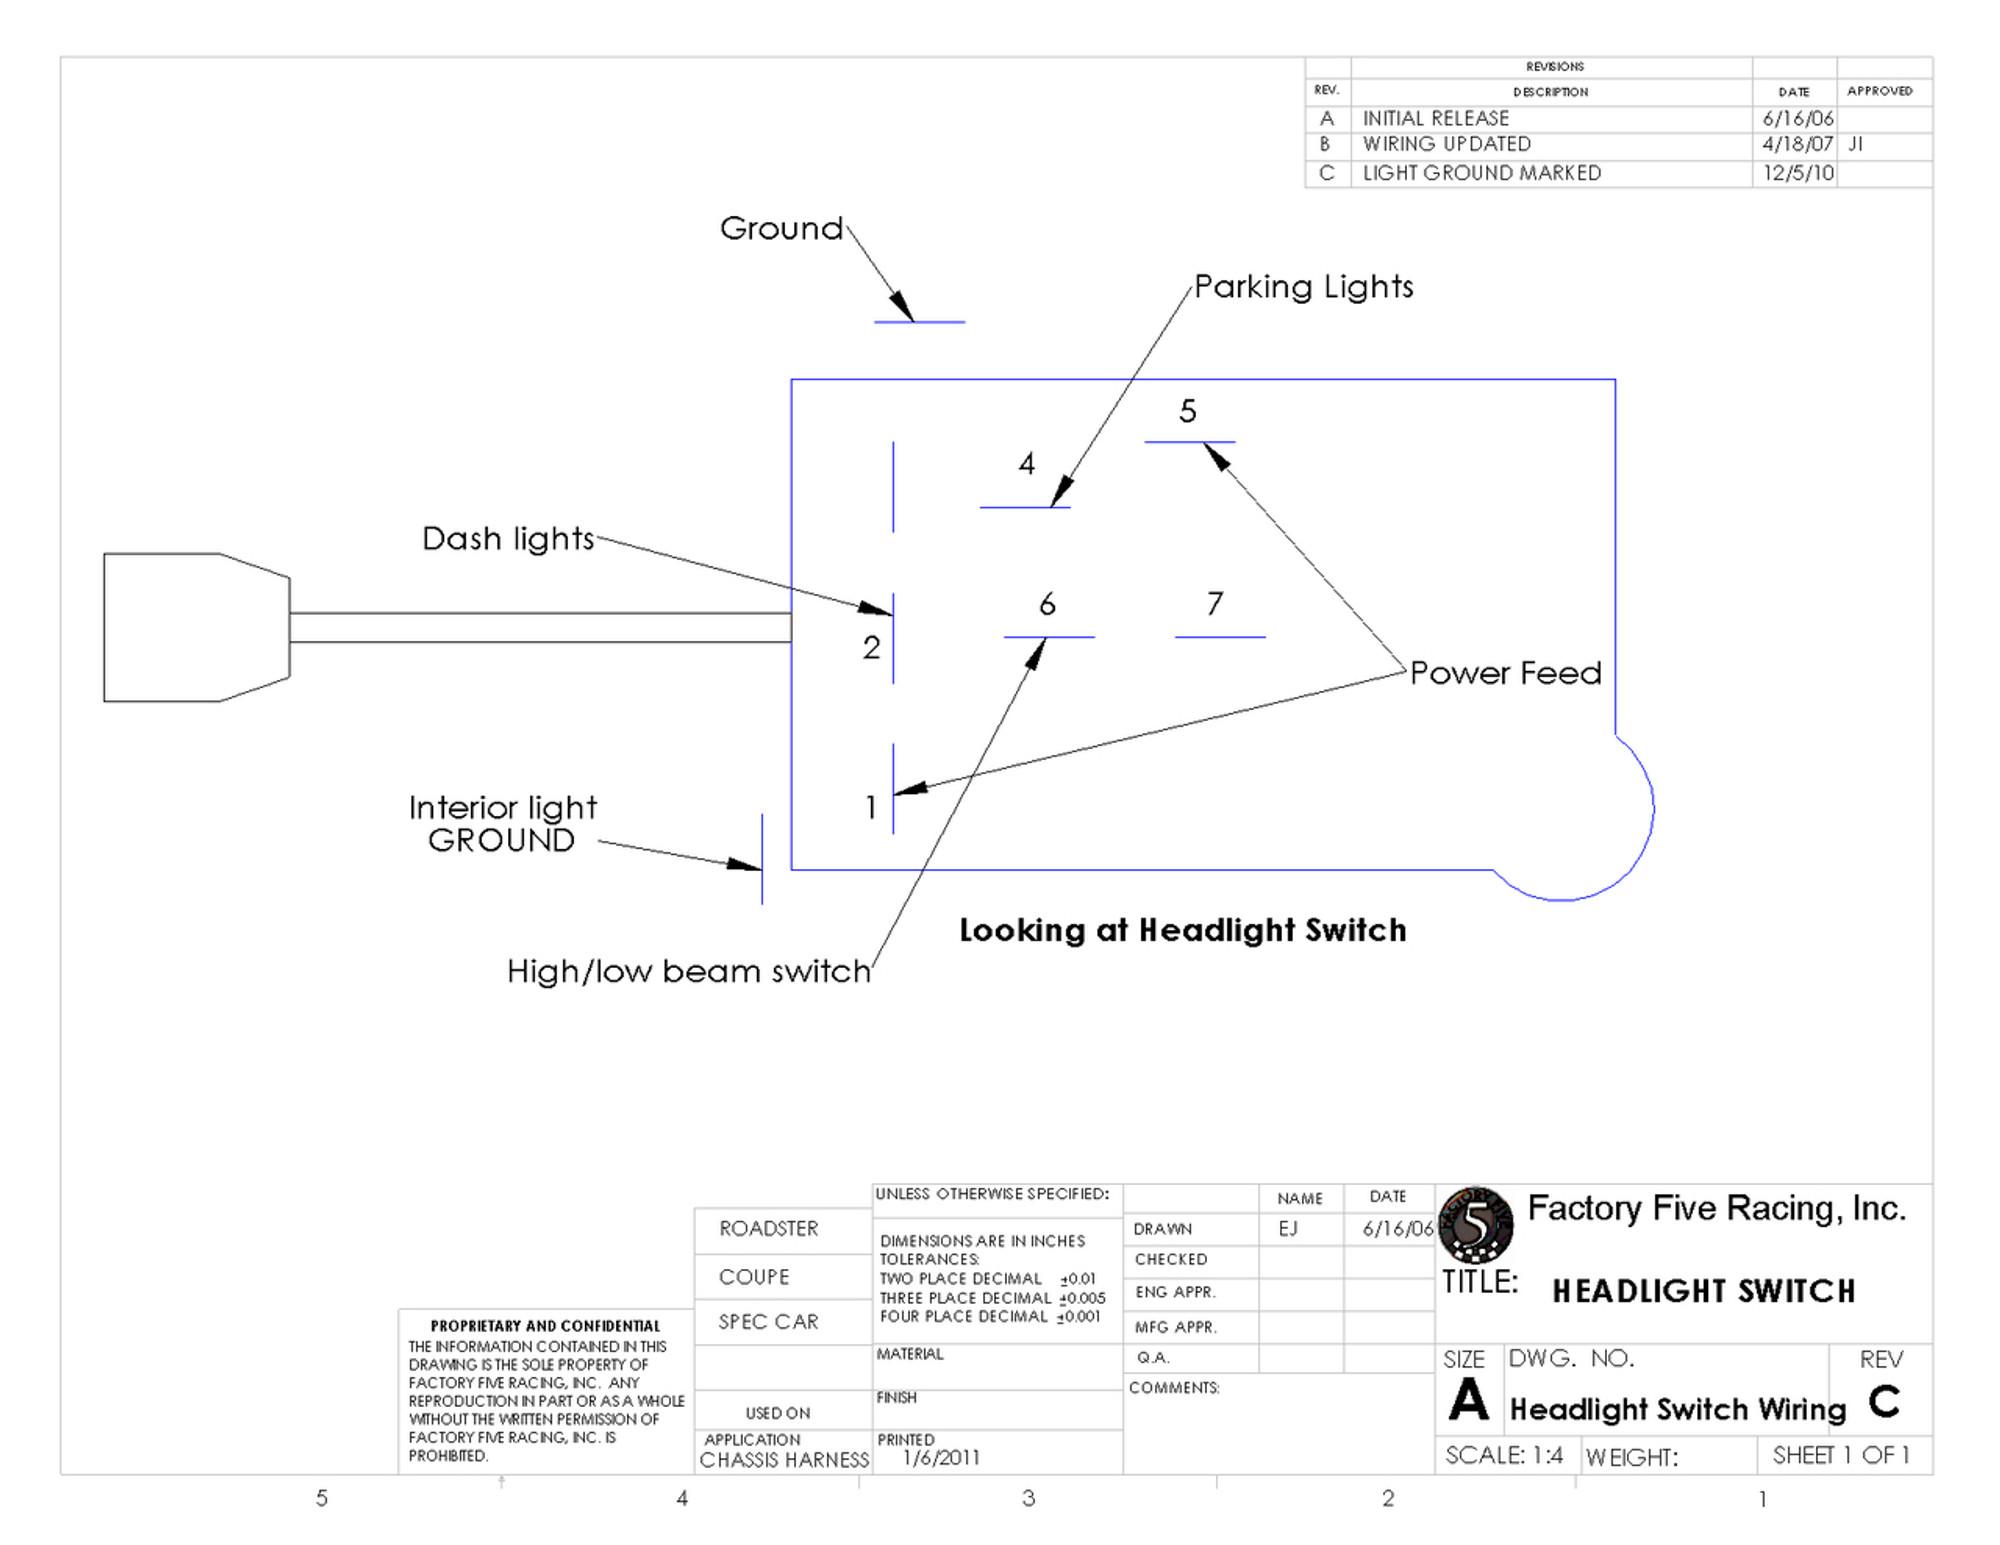 12354 headlight switch 12354 headlight switch [ 1280 x 989 Pixel ]